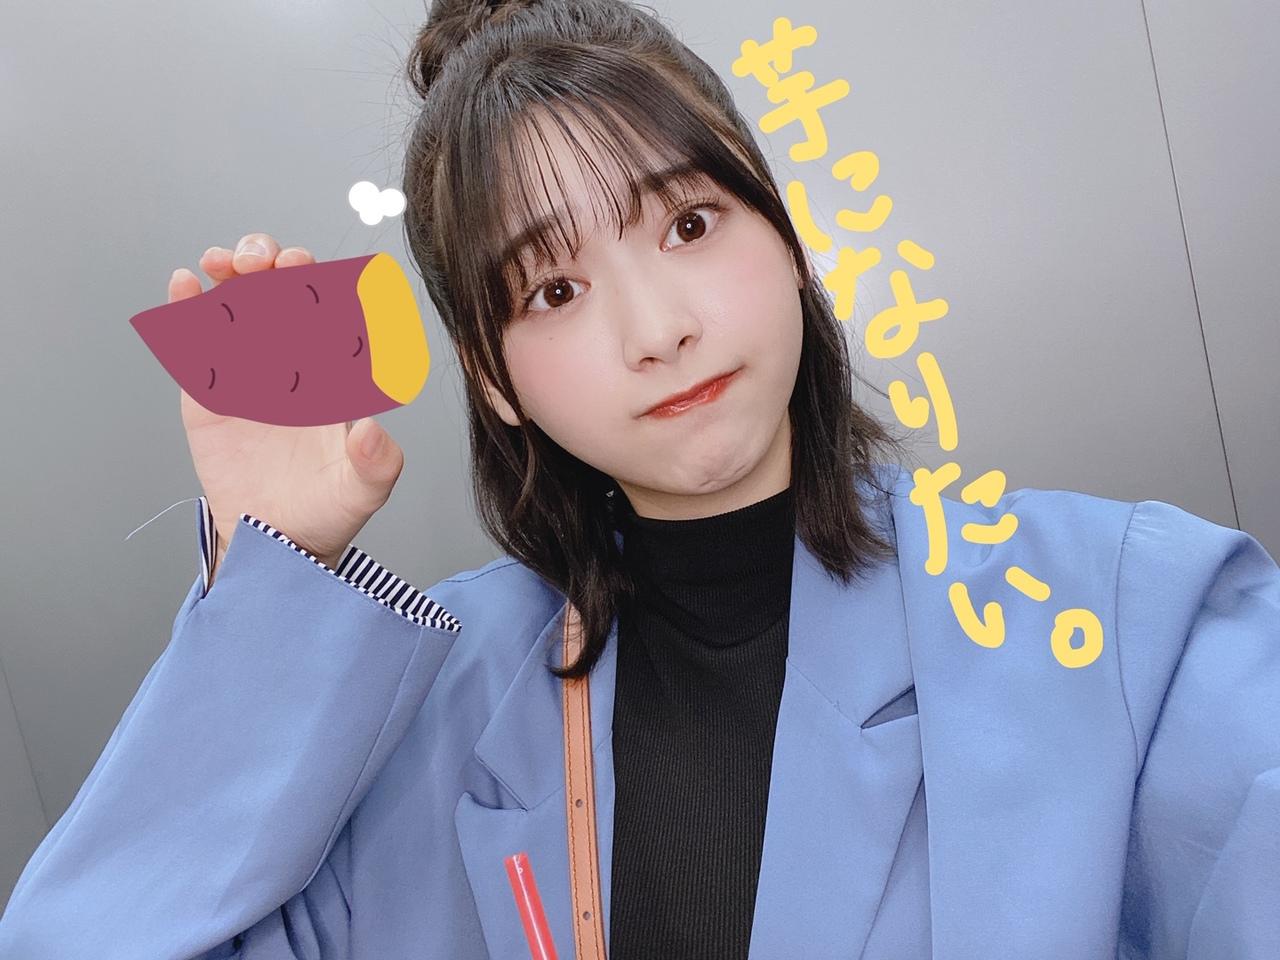 富田鈴花ちゃんの「芋になりたいの💿アルバム発売まであと3日💿」